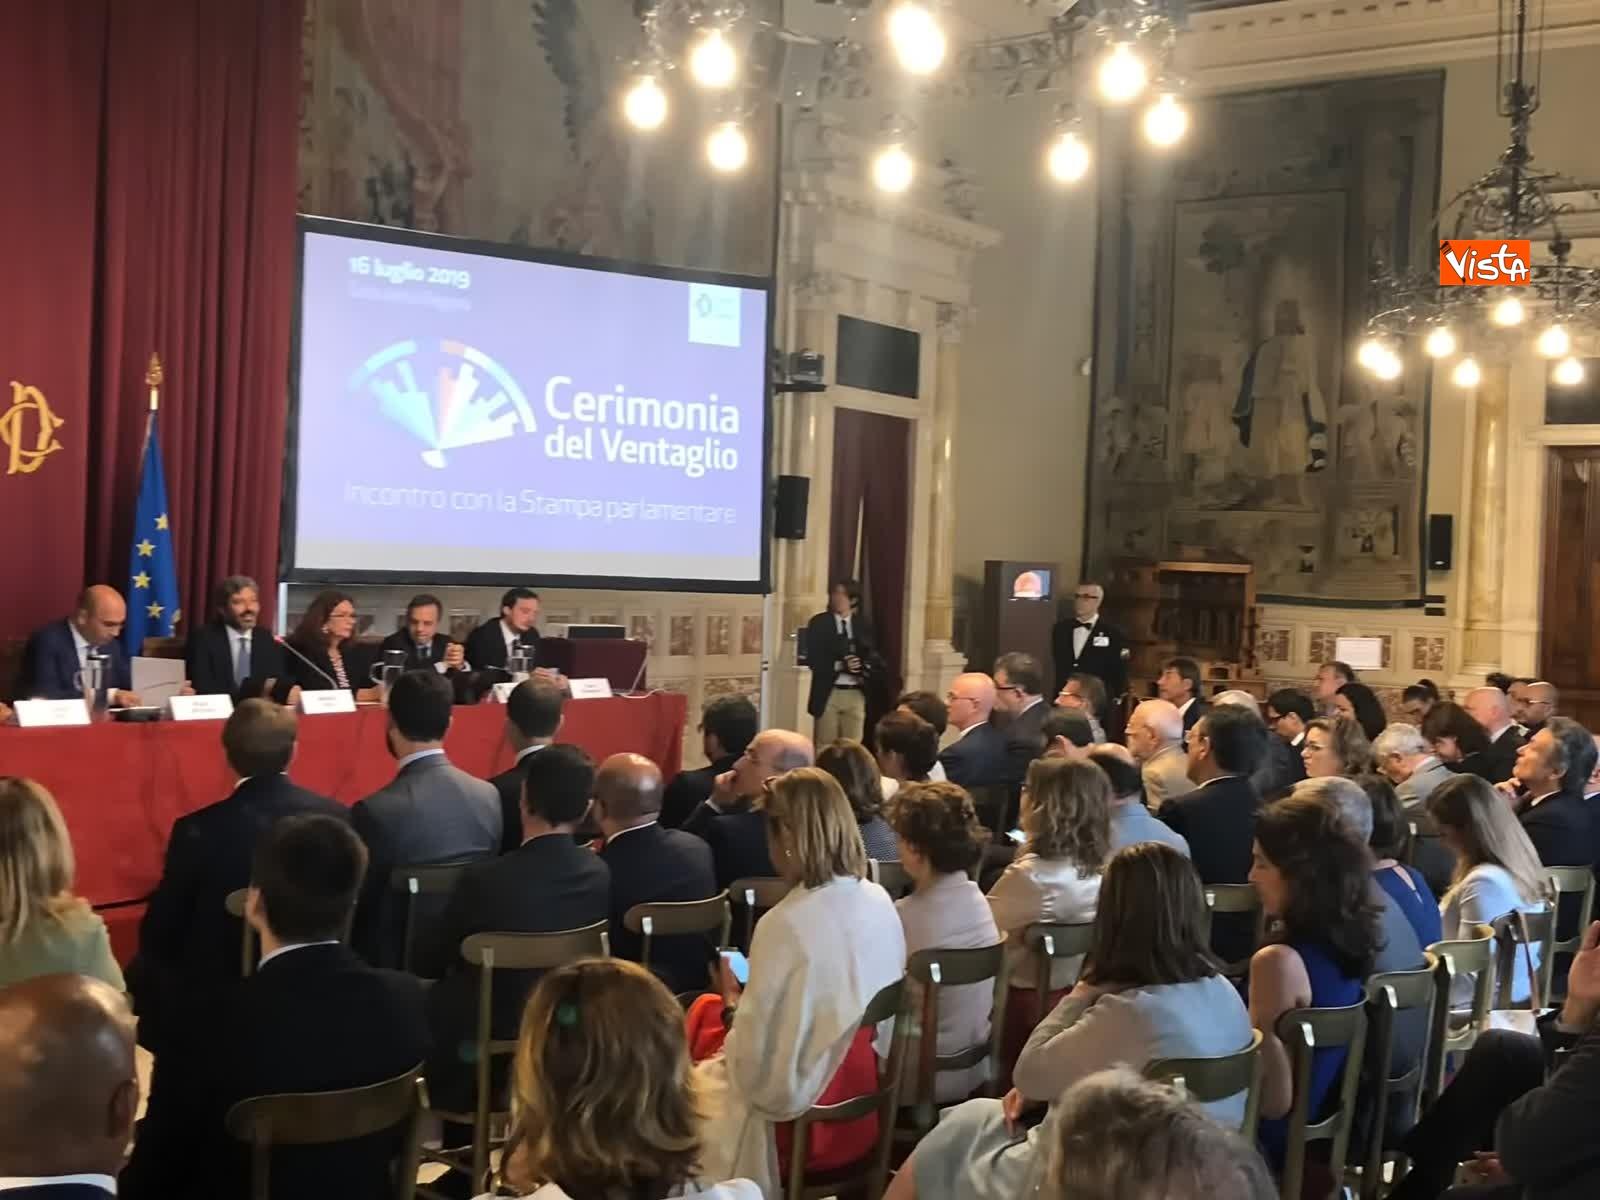 16-07-19 Cerimonia del Ventaglio a Montecitorio Fico incontra la stampa parlamentare immagini